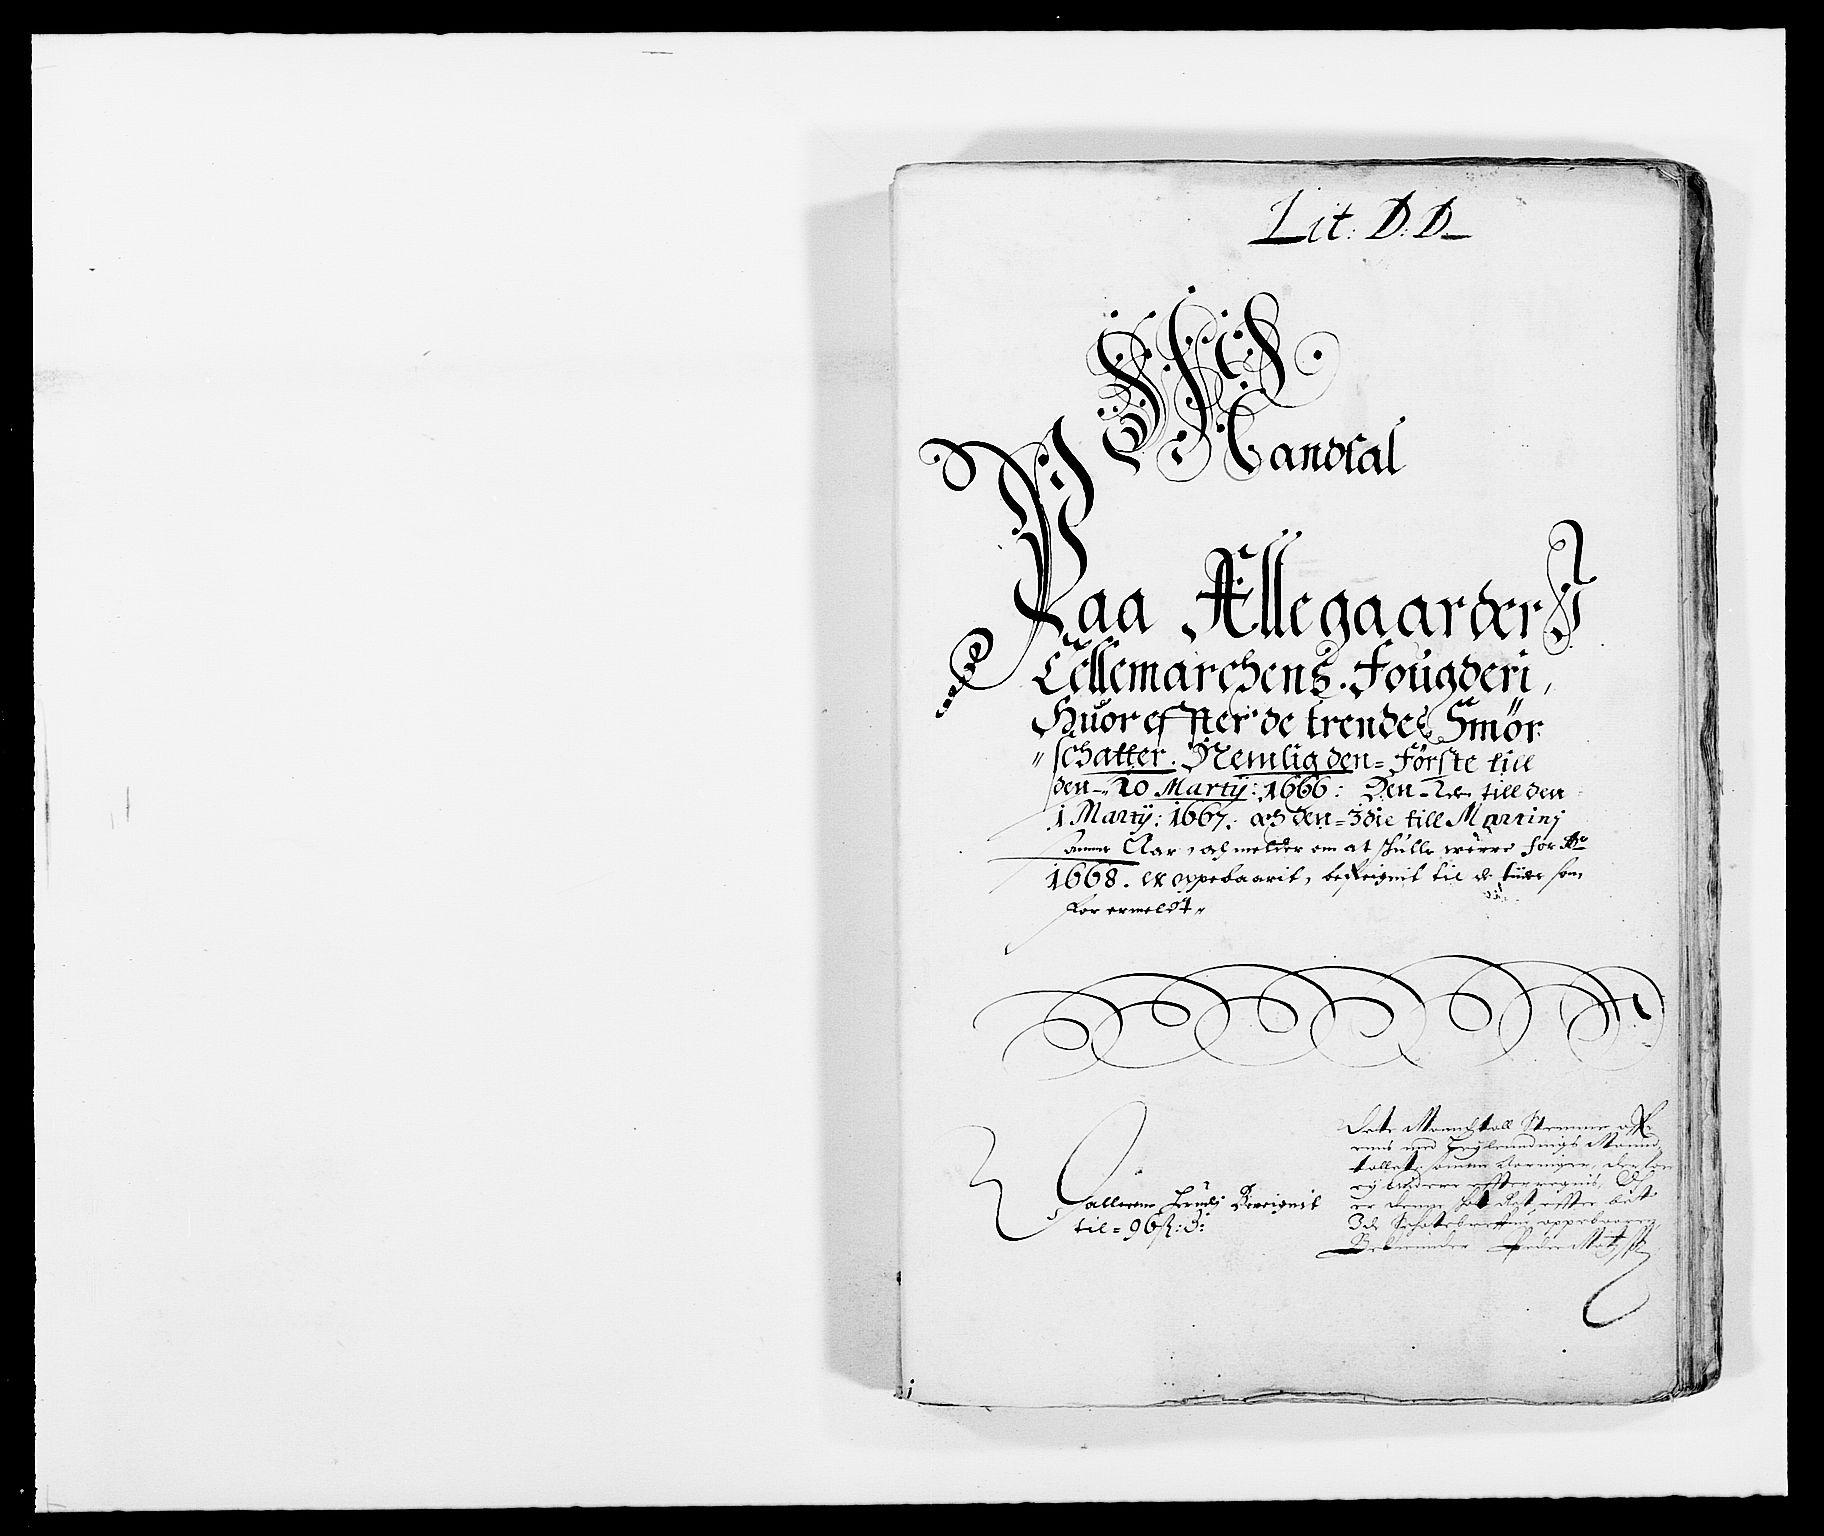 RA, Rentekammeret inntil 1814, Reviderte regnskaper, Fogderegnskap, R35/L2057: Fogderegnskap Øvre og Nedre Telemark, 1666-1667, s. 356